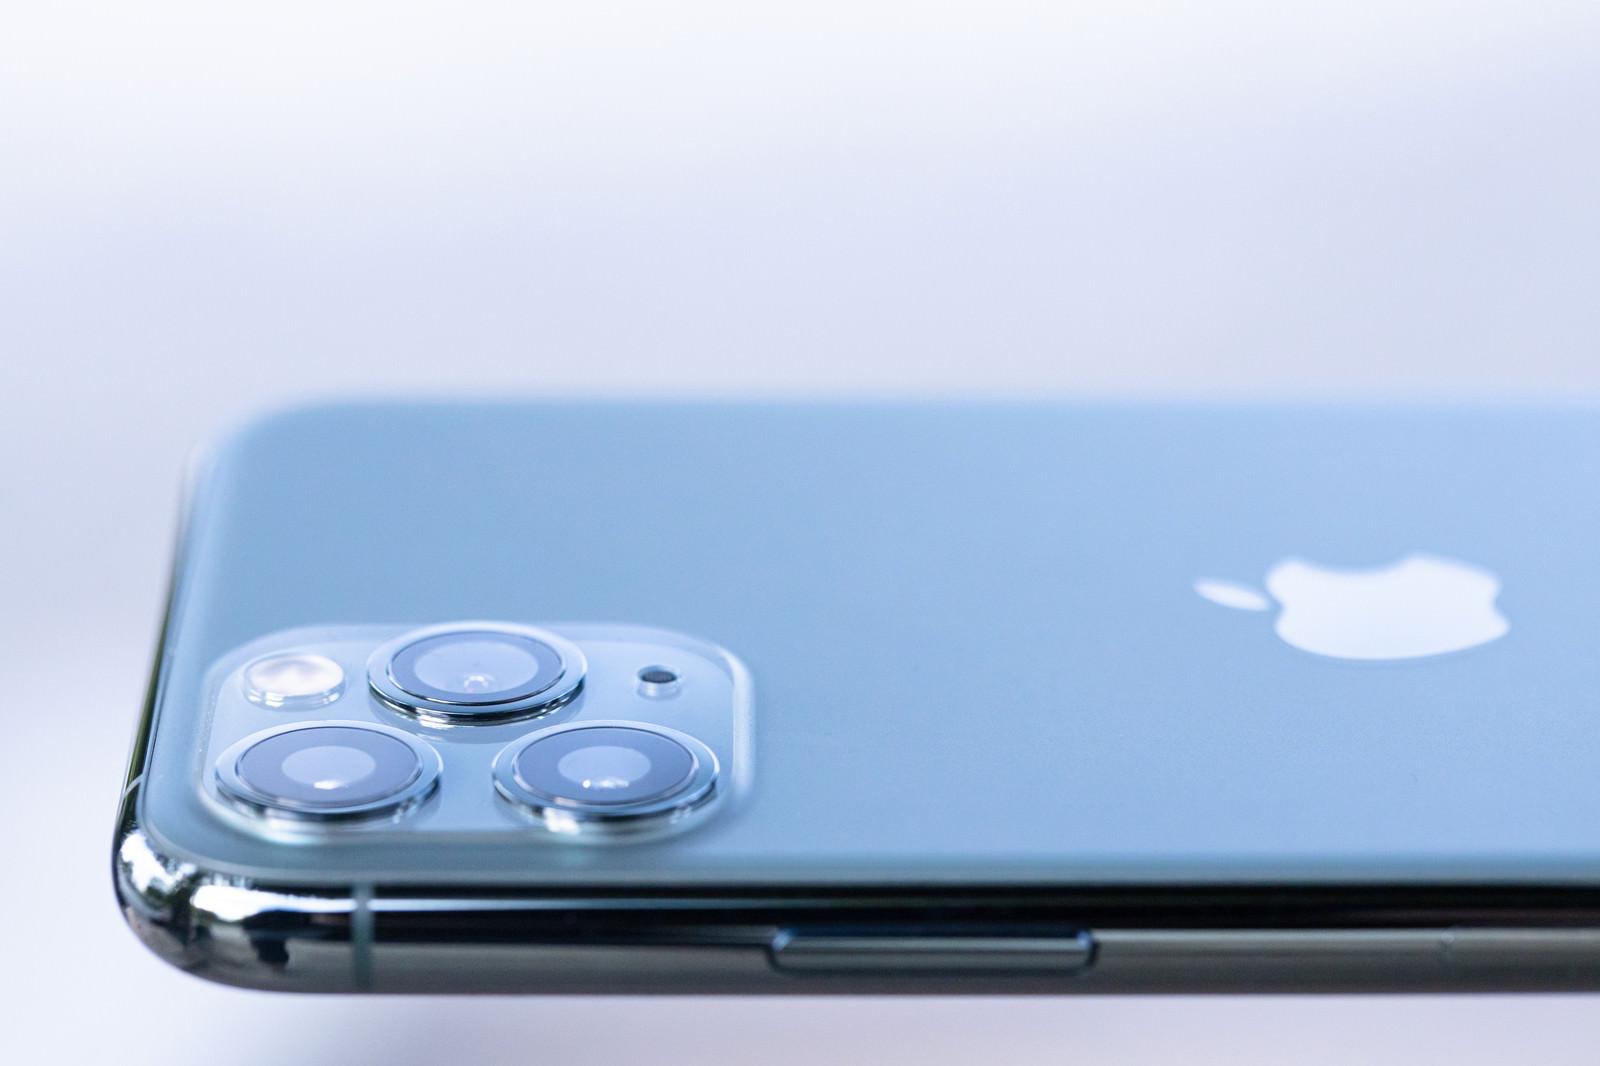 「トリプルカメラがついた iPhone 11 Pro」の写真